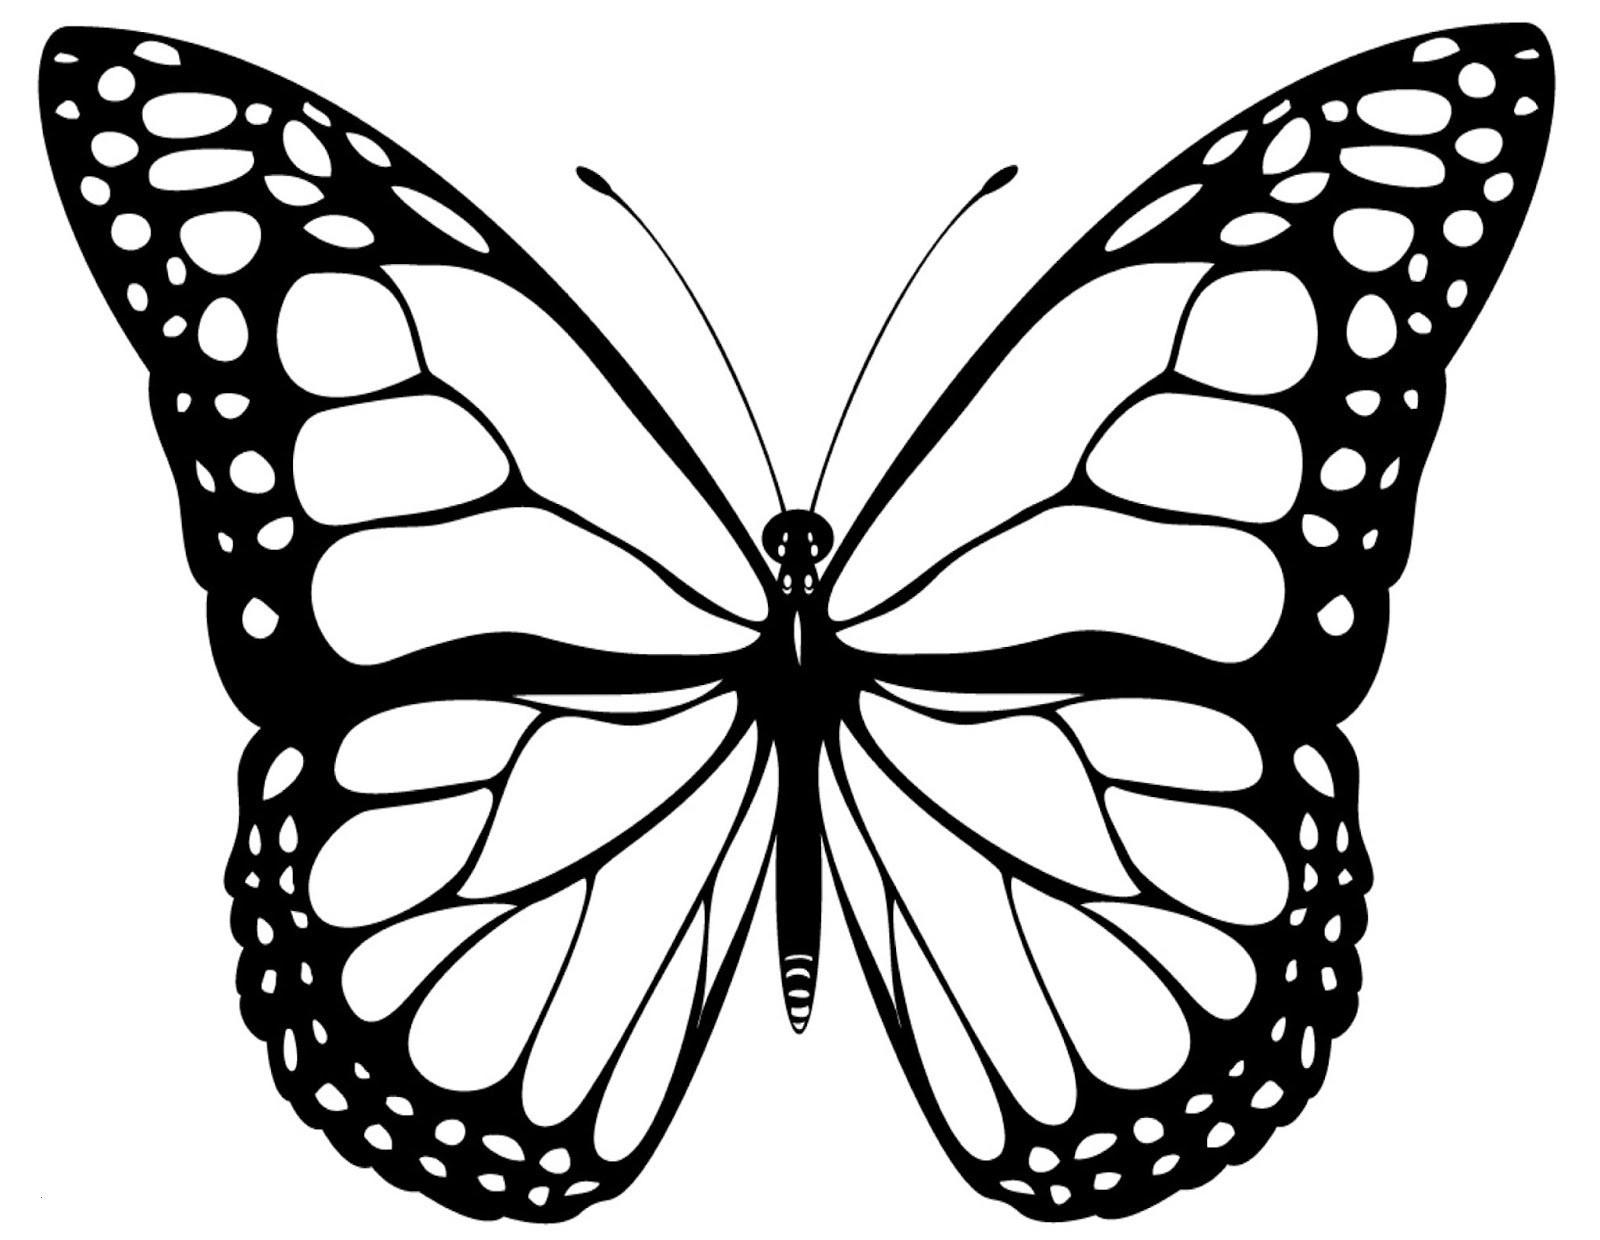 Mandalas Zum Ausmalen Schmetterling Neu Malvorlagen Für Erwachsene Kostenlose Druckvorlagen Frisch Bild